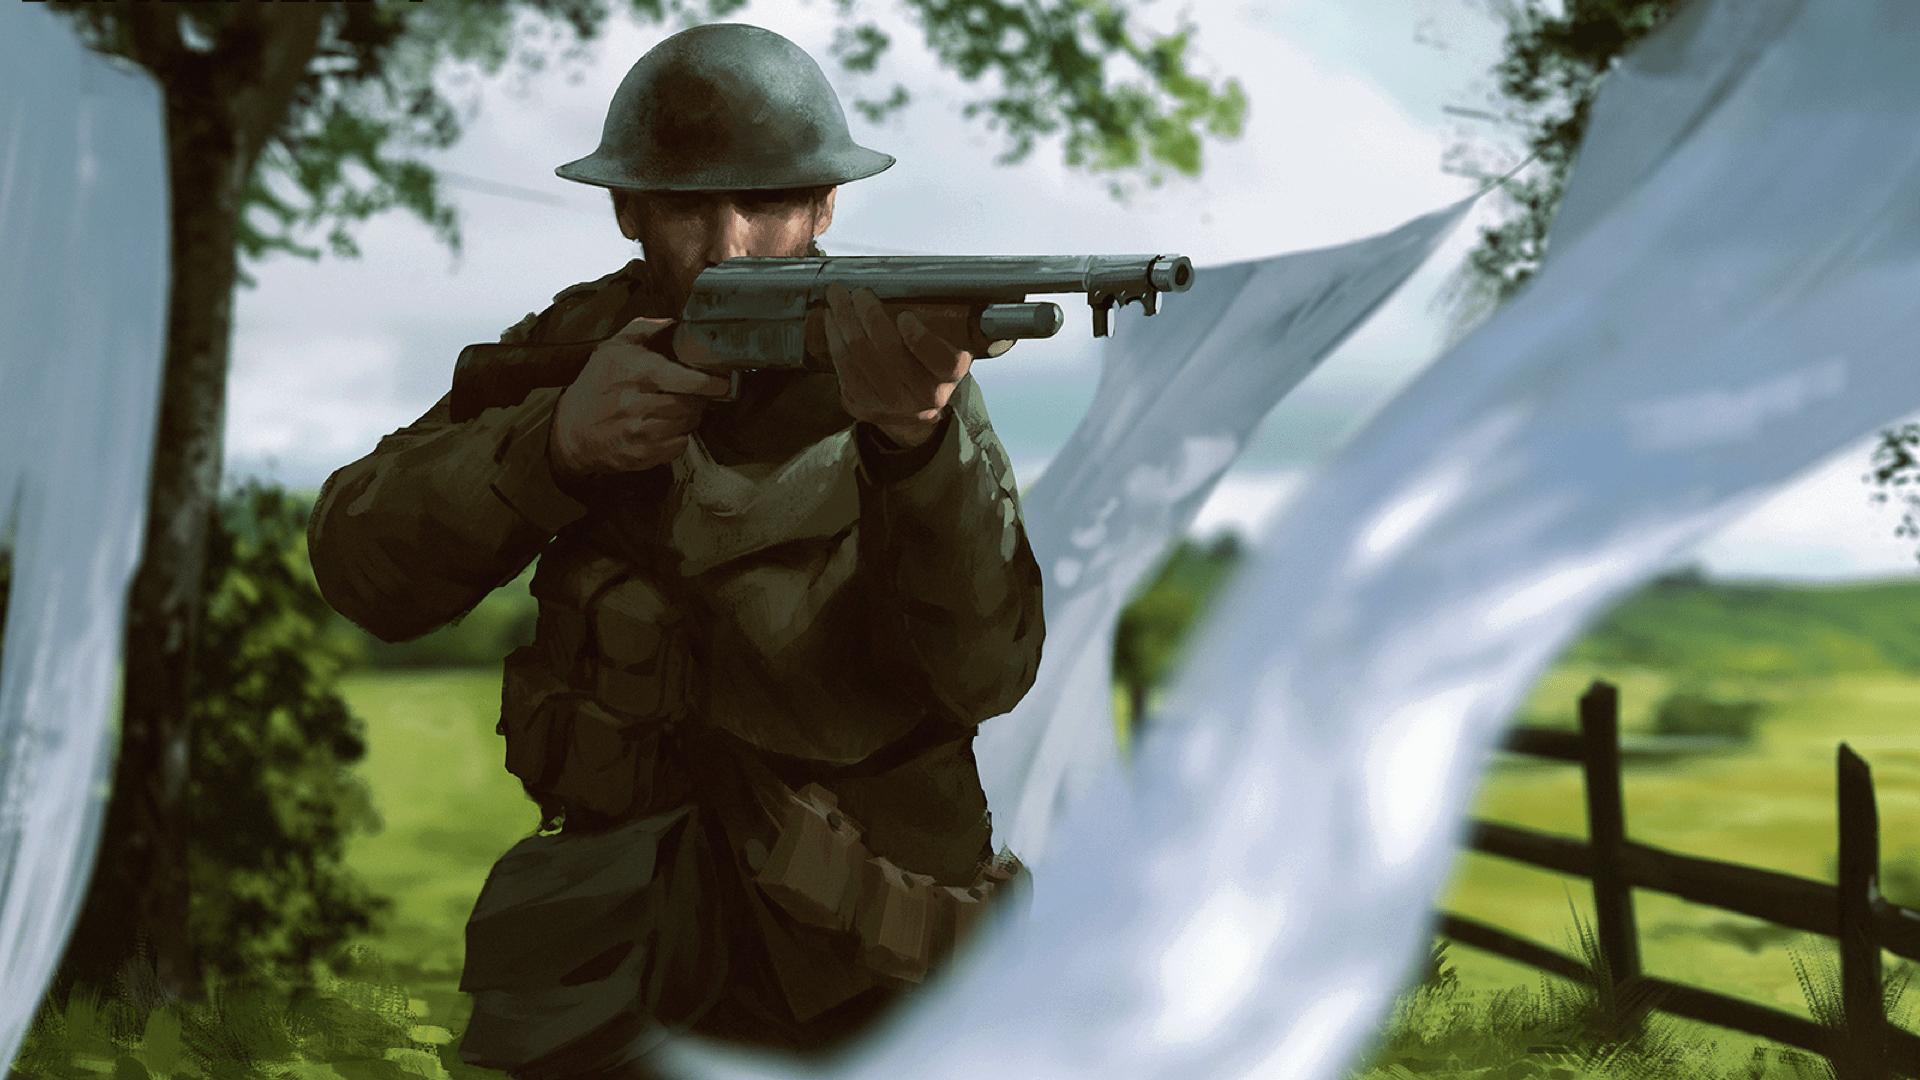 Battlefield 1 official reveal trailer 2016 world war 1 - 4 2